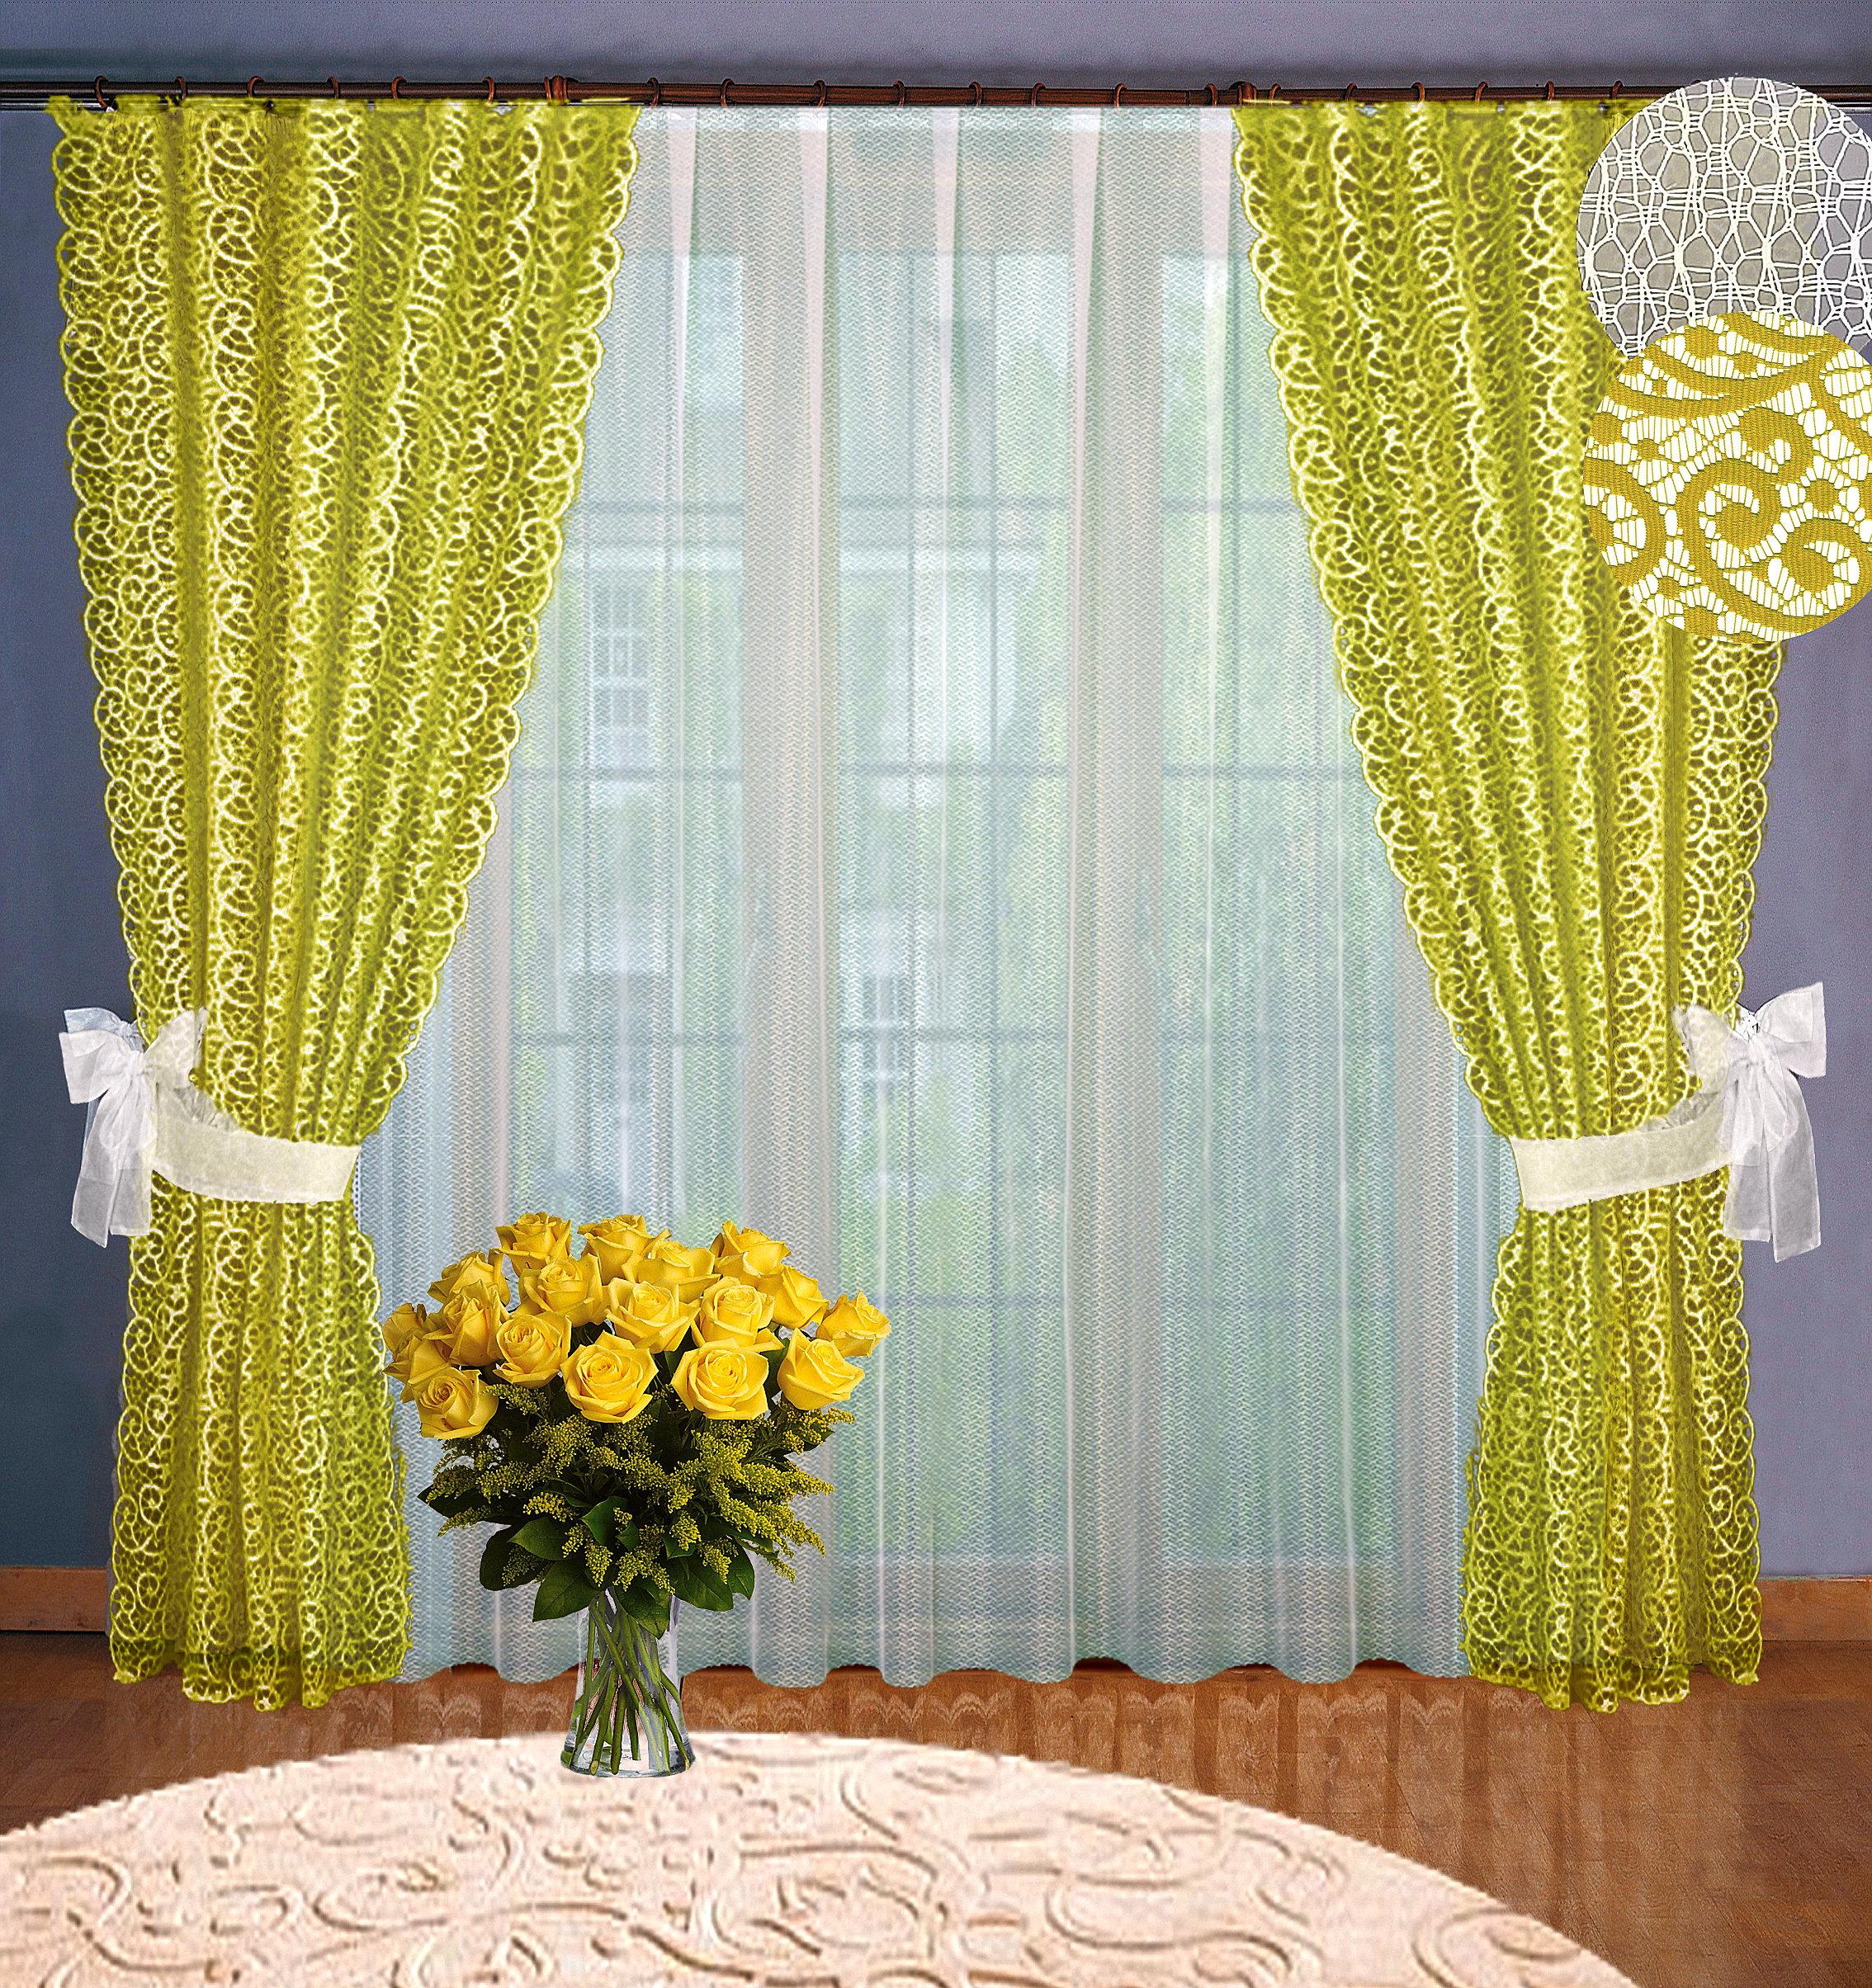 Купить Шторы Elegante, Классические шторы Rayne Цвет: Оливковый, Россия, Жаккард, Тюль